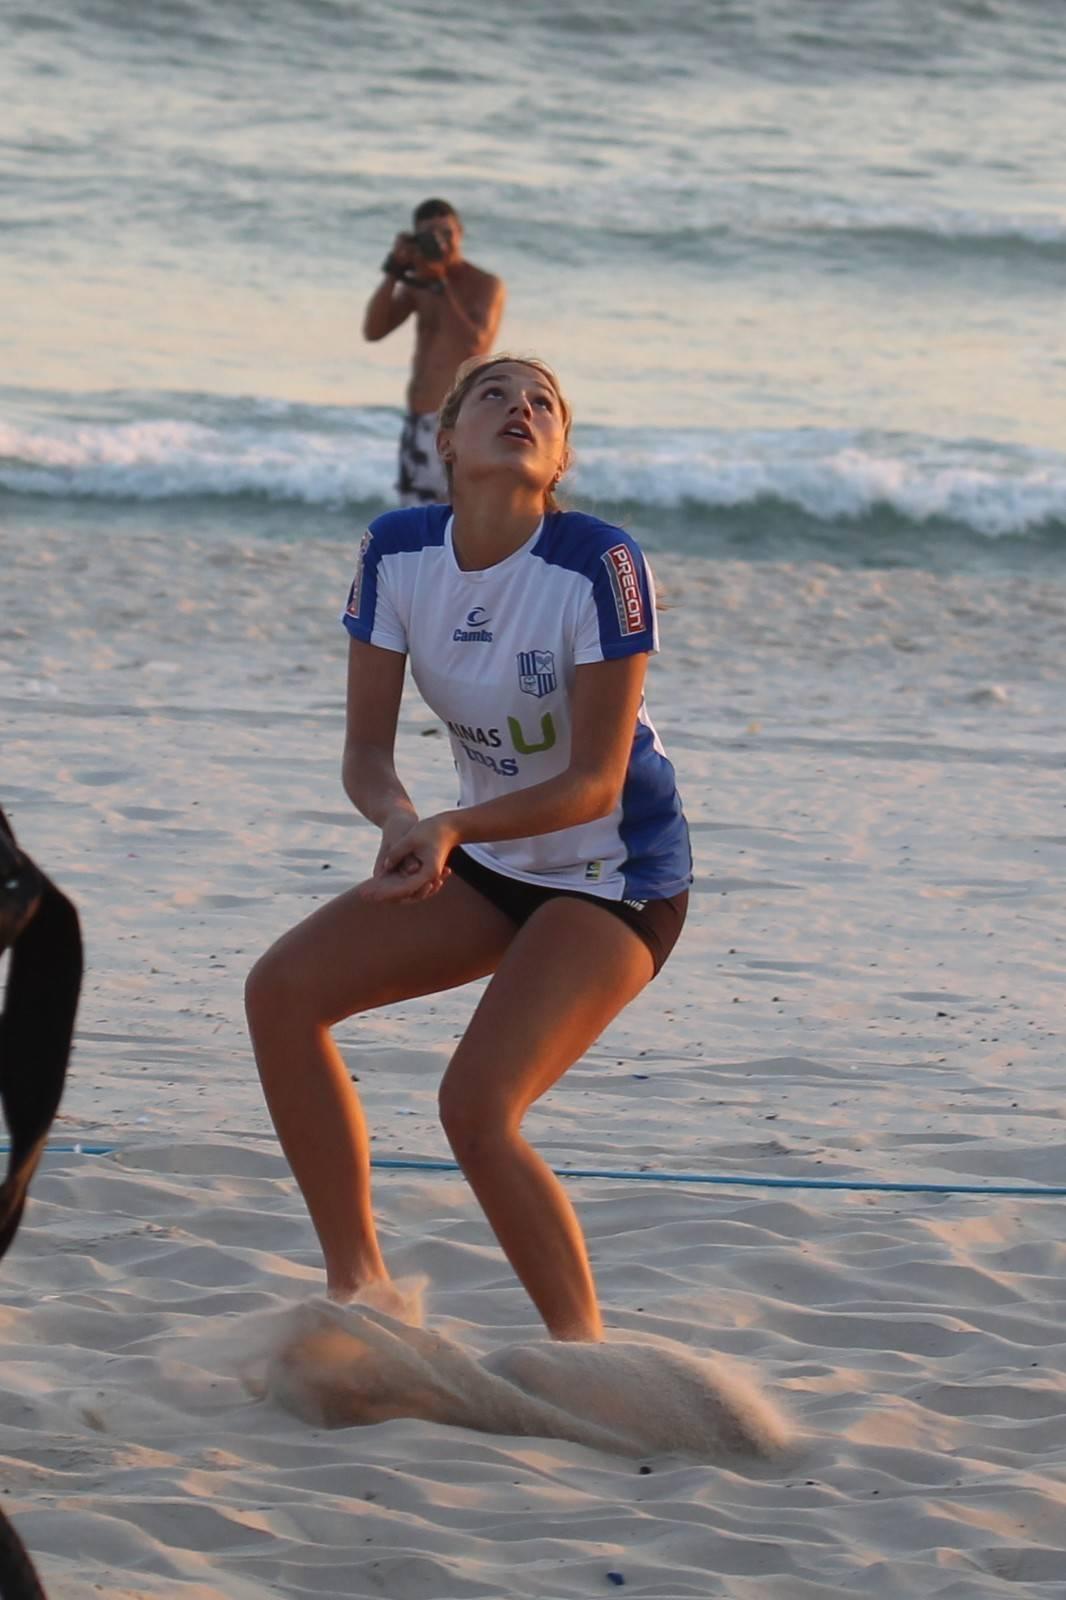 """Sasha também adora praticar esportes e às vezes é vista na praia com amigos jogando vôlei+ Xuxa revela que Sasha reclamava do trabalho da mãe: """"Vai lá brincar com o filho dos outros""""> Acesse o R7 Play e assista na íntegra a todos os programas da Record! Clique e experimente!"""